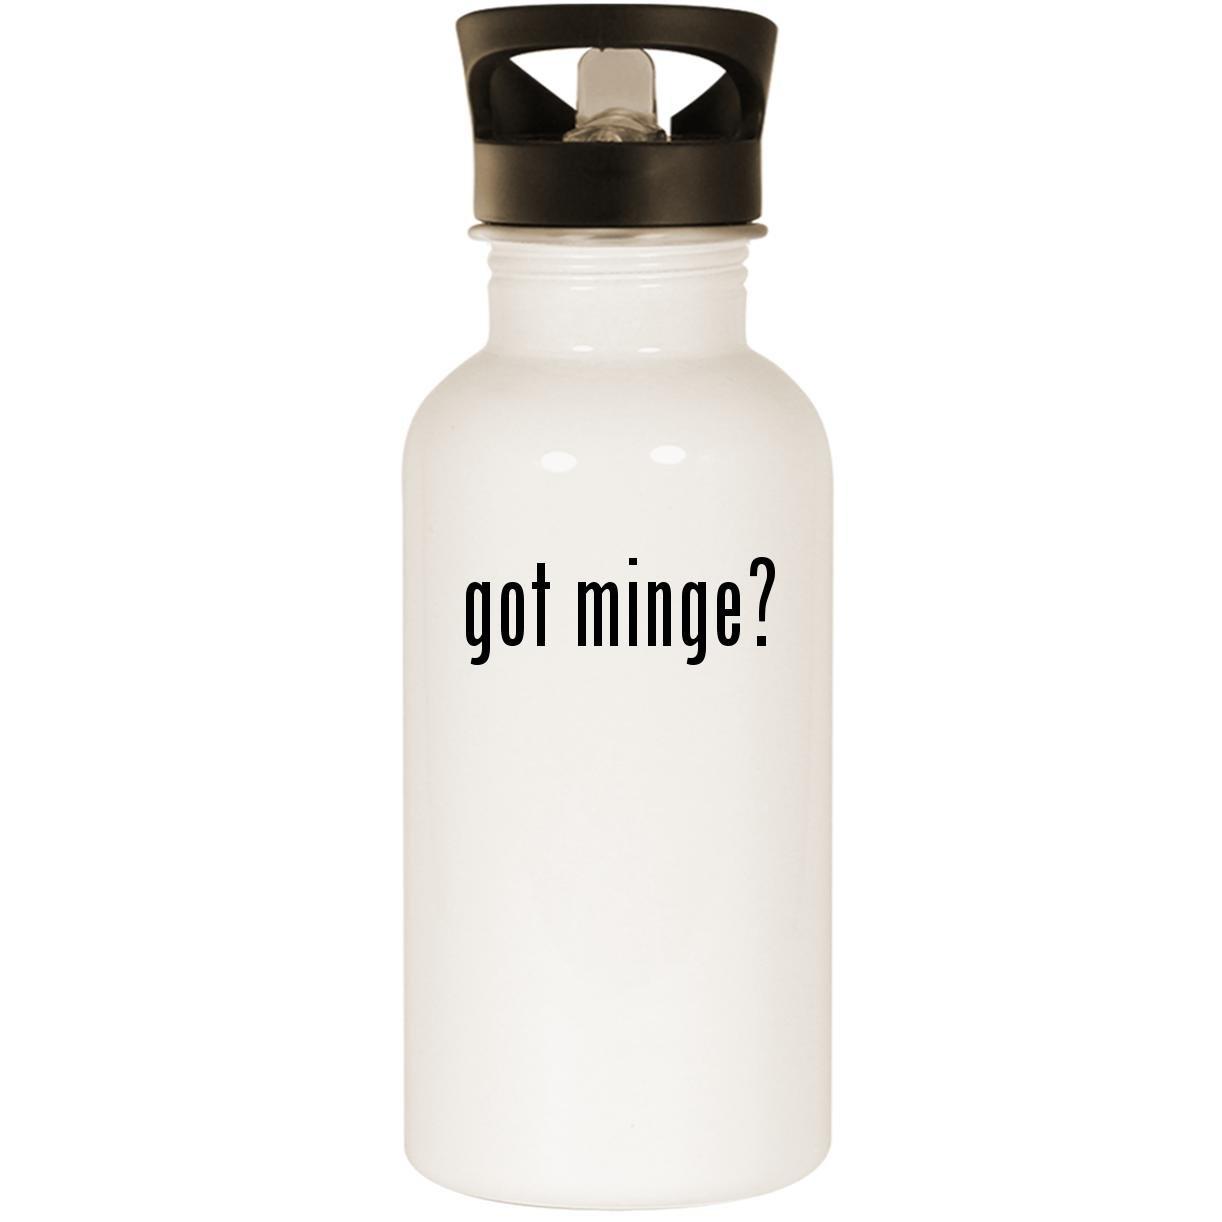 Got Minge  – ステンレススチール20oz Road Ready水ボトル ホワイト US-C-07-18-01-035782-04-26-19-26 B07FMMHNQV  ホワイト